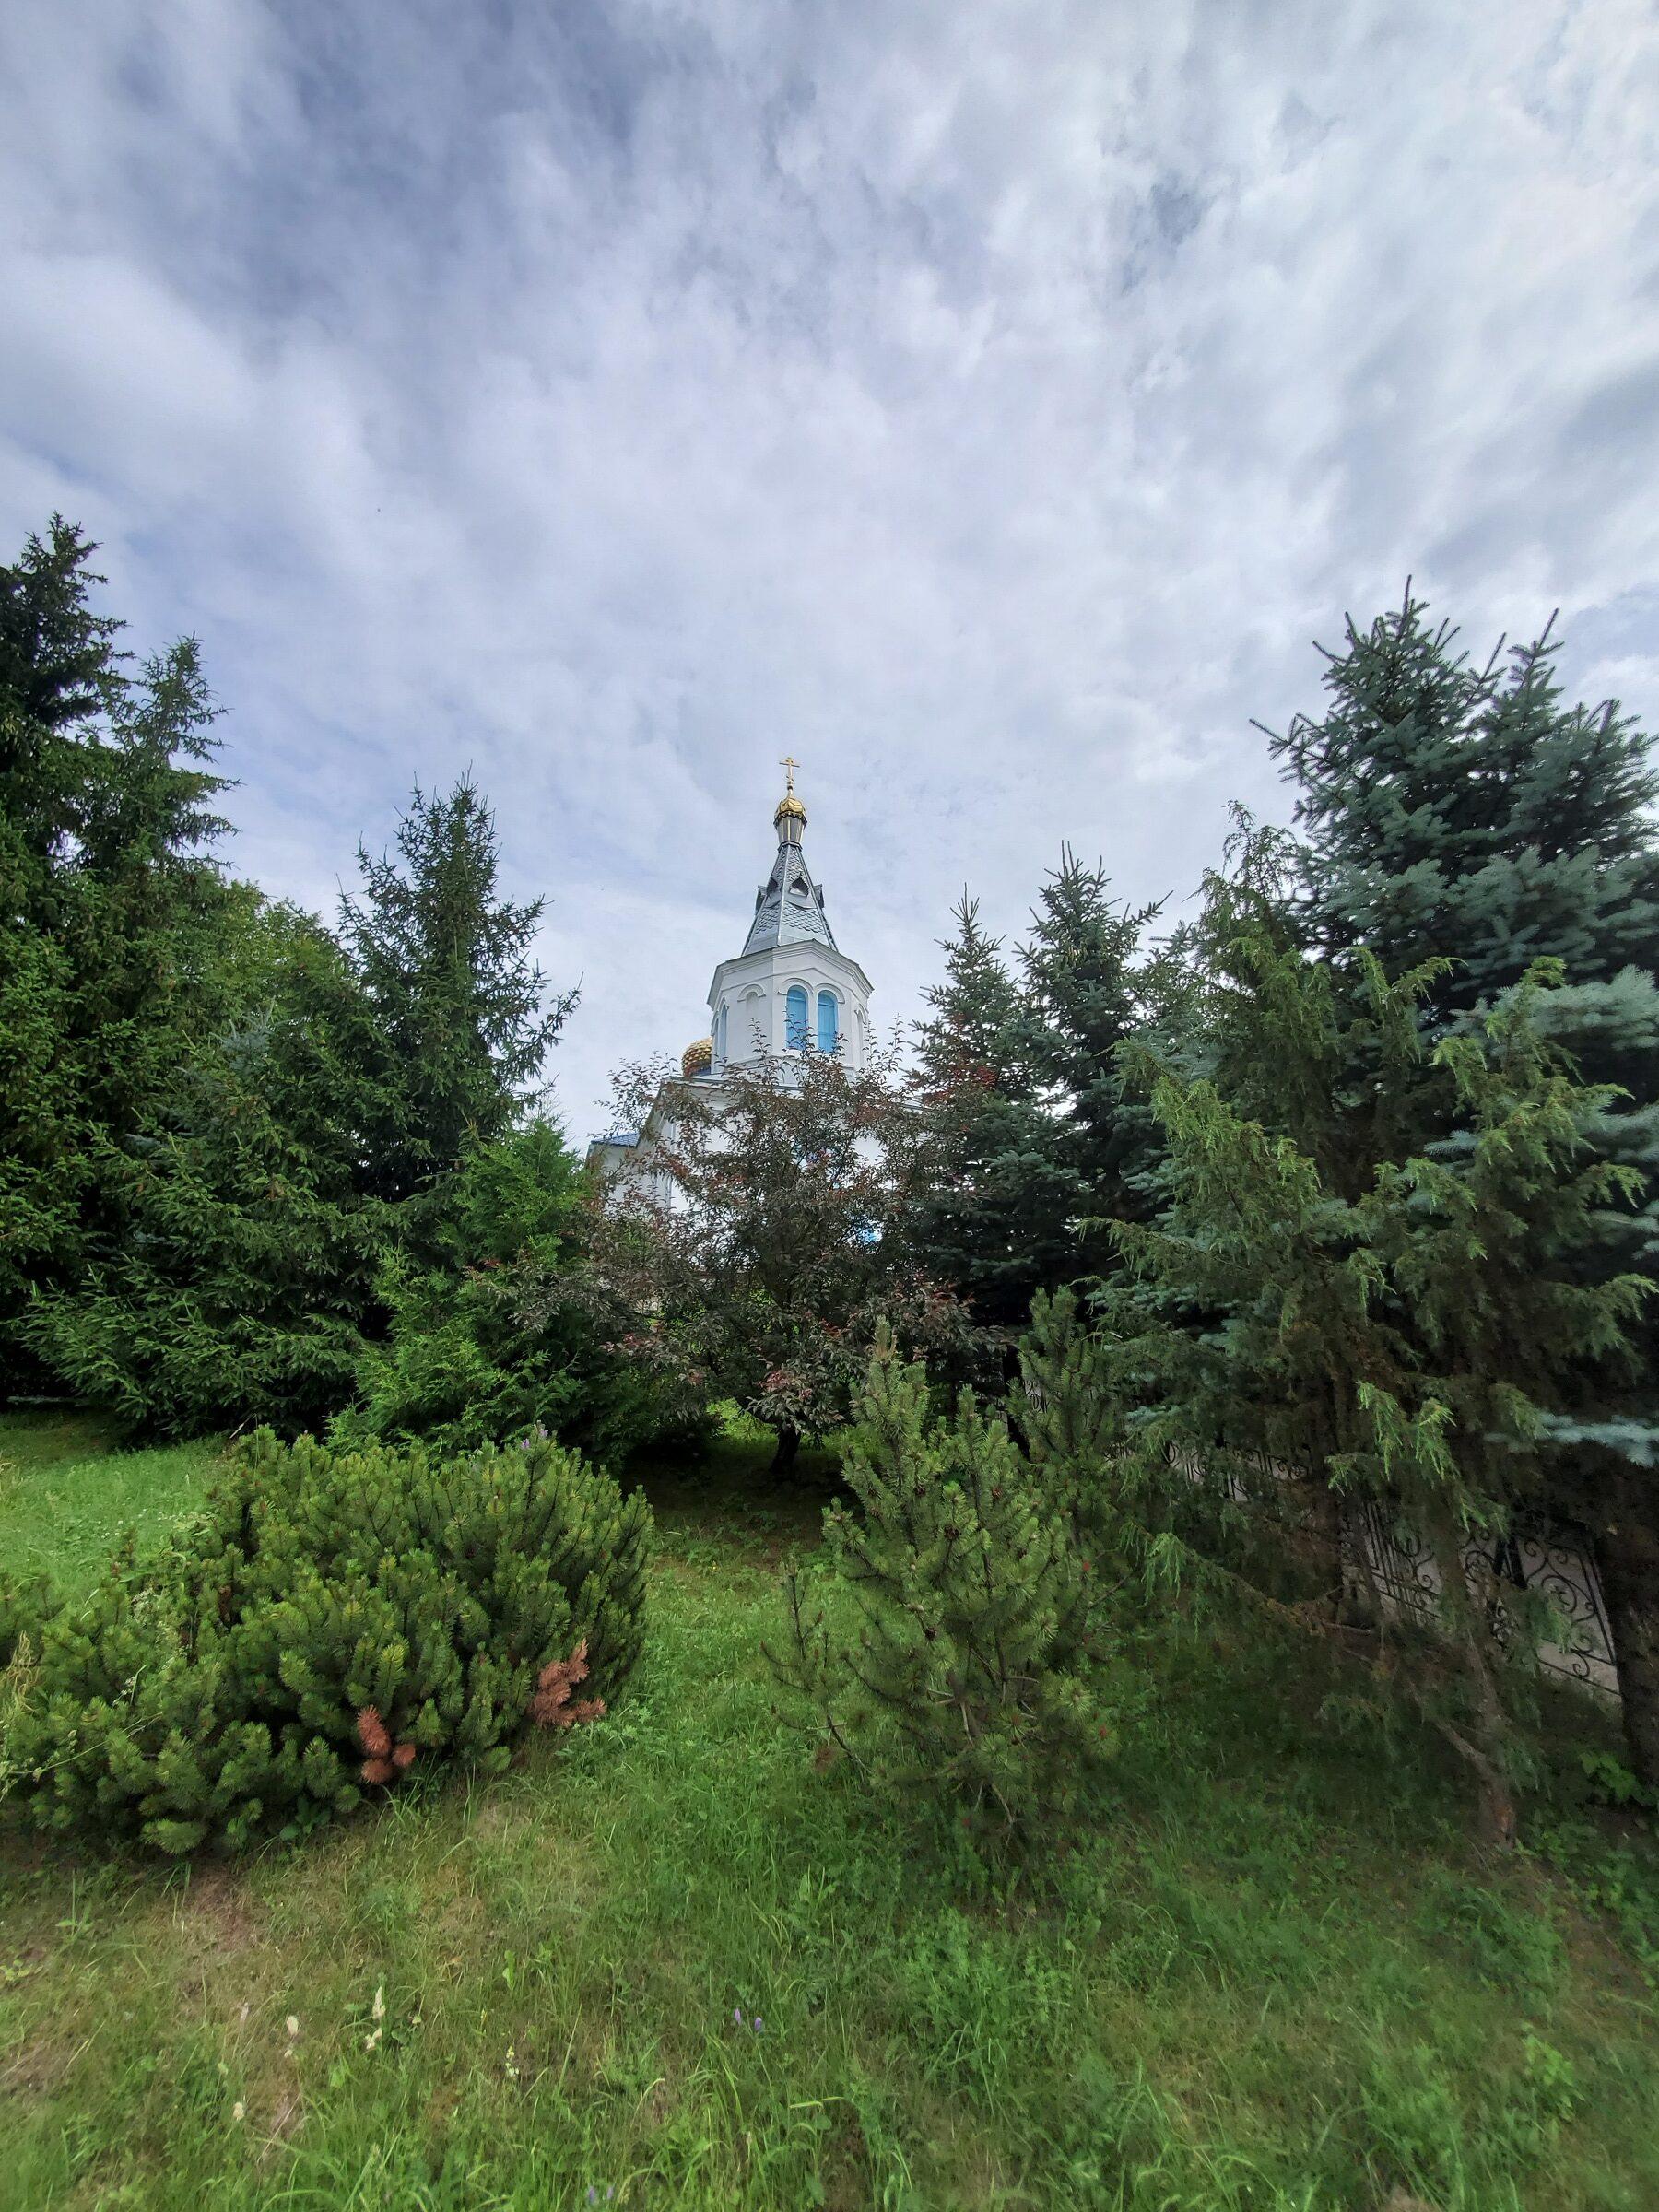 20200703 151312 rotated - Покровская церковь в деревне Бушики